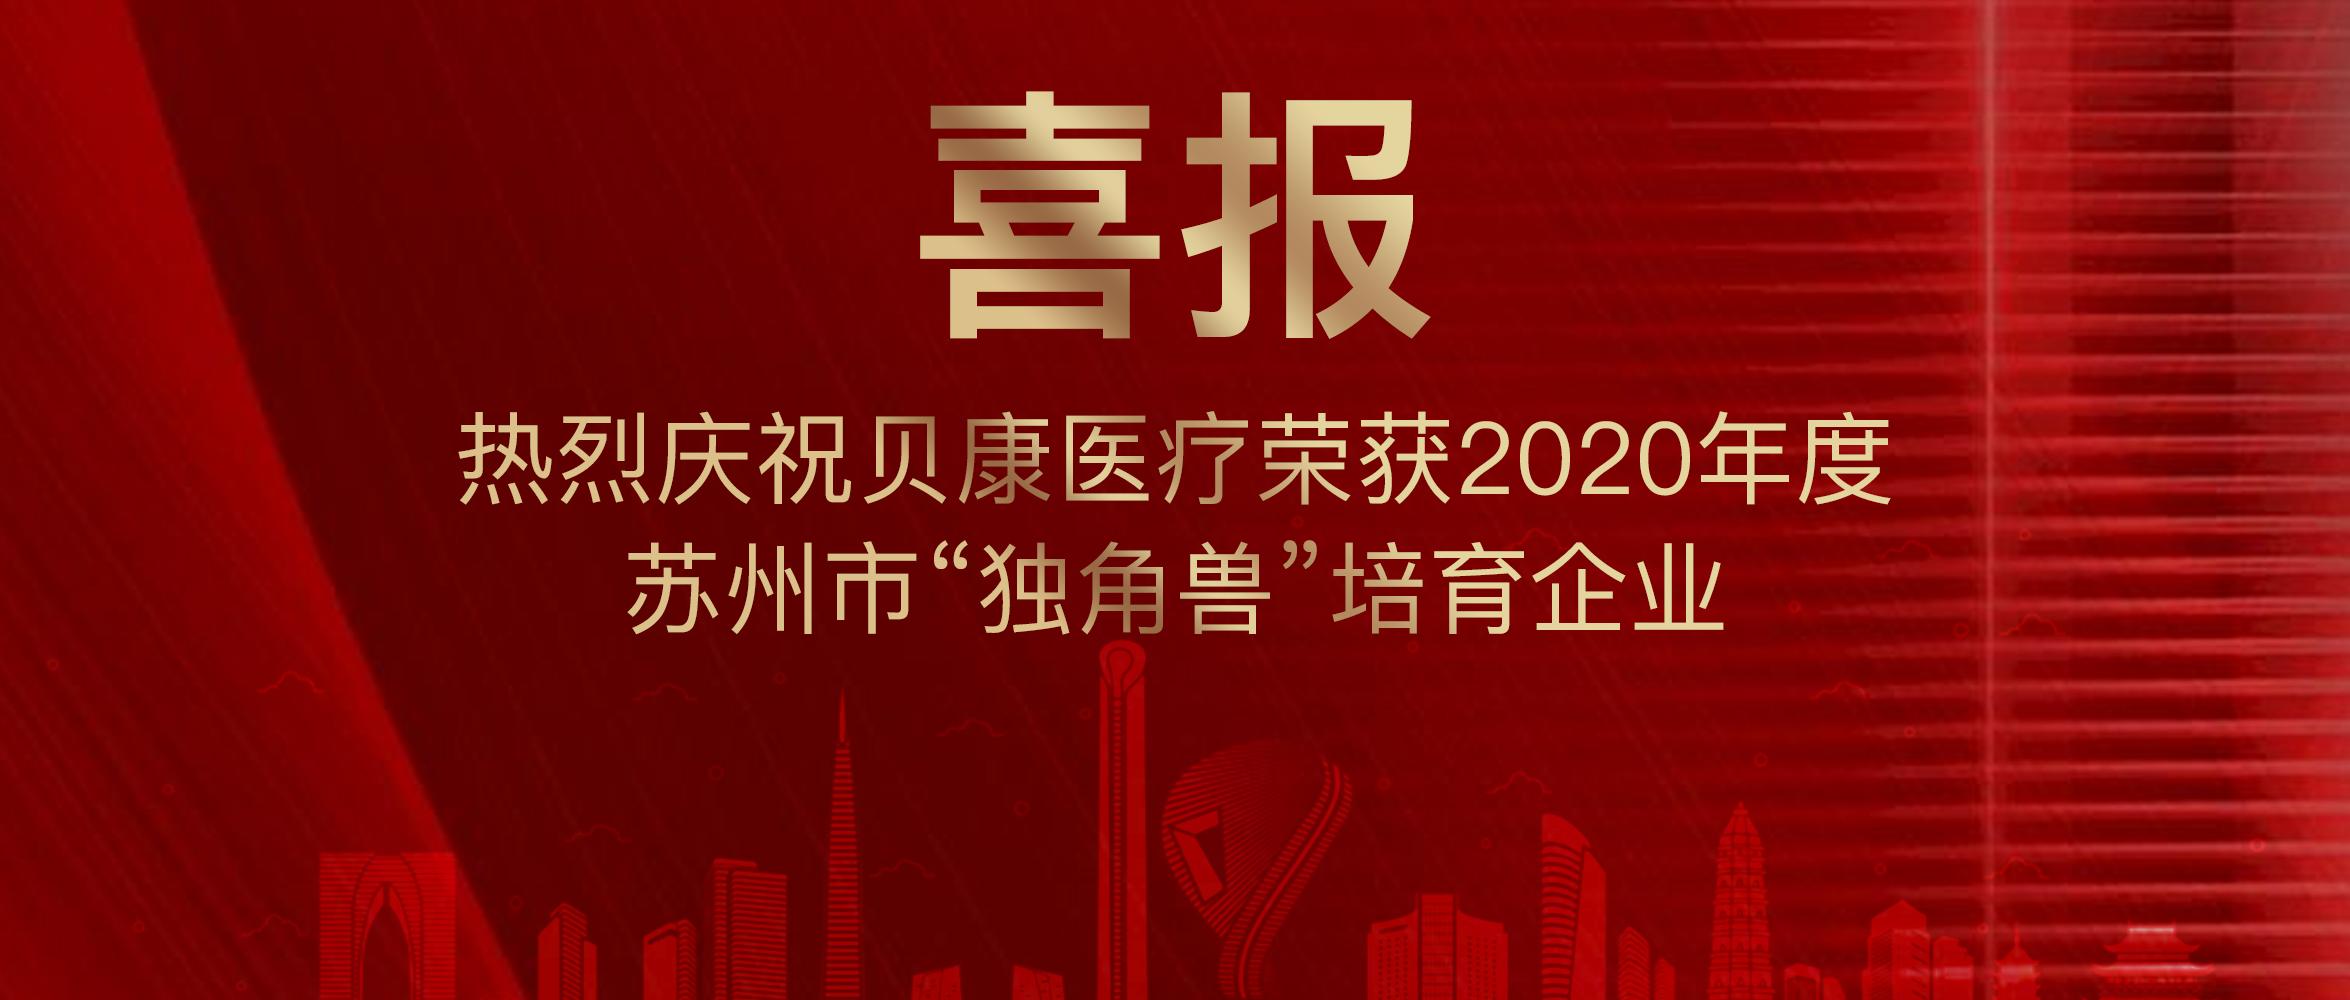 """喜报丨热烈庆祝贝康医疗荣获2020年度苏州市""""独角兽""""培育企业称号"""